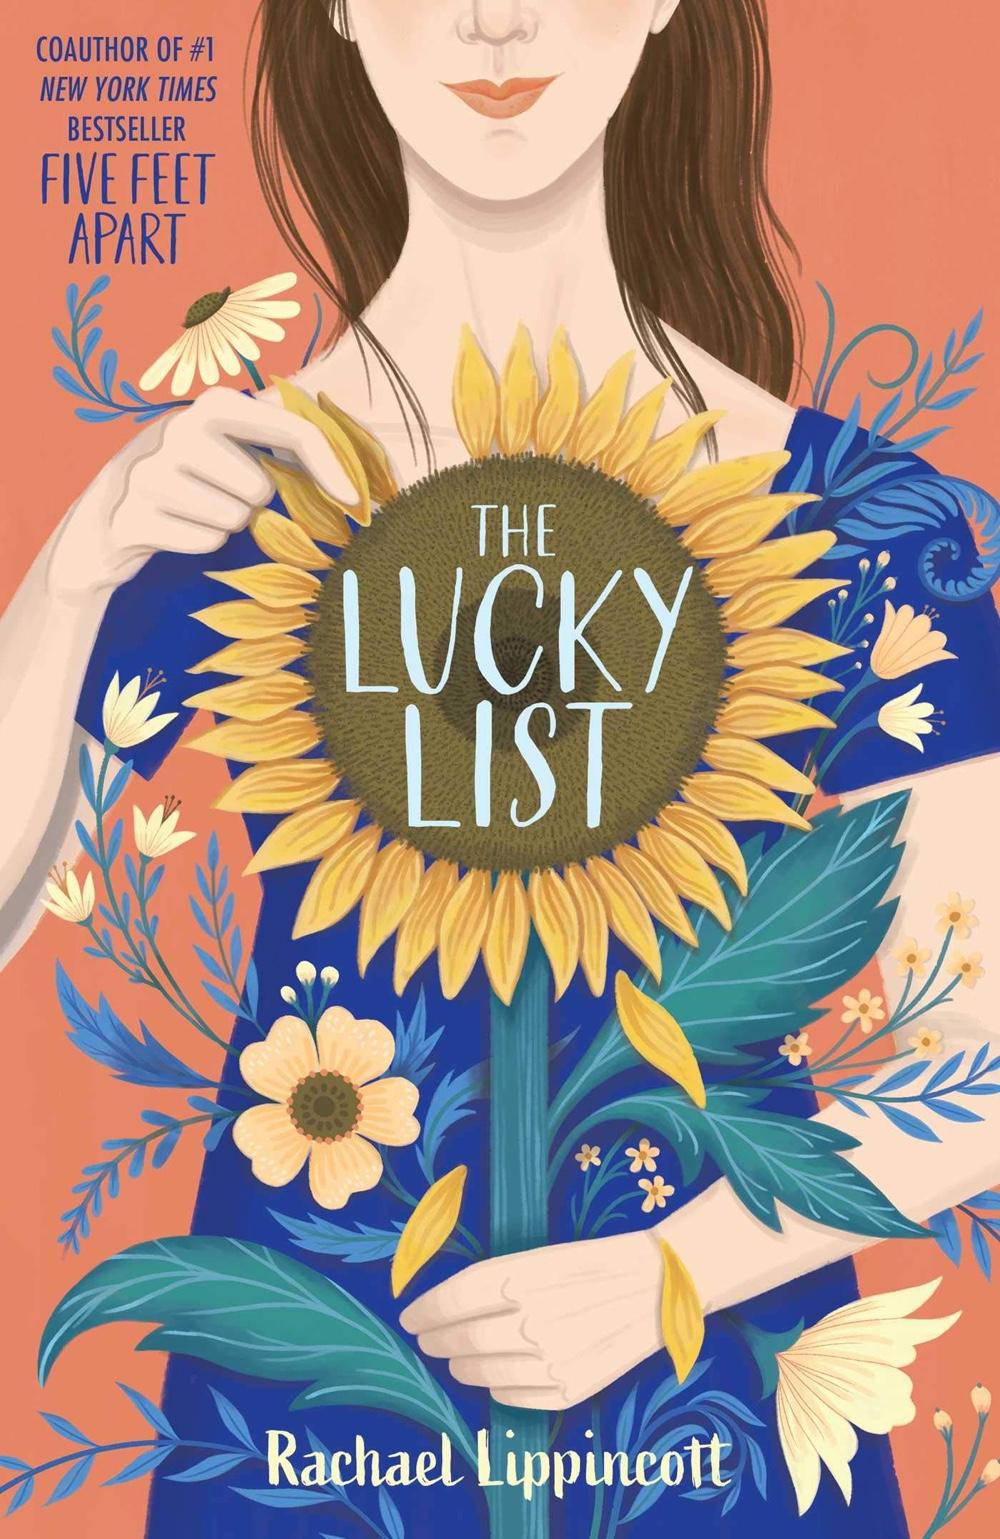 The Lucky List by Rachael Lippincott | Book Review